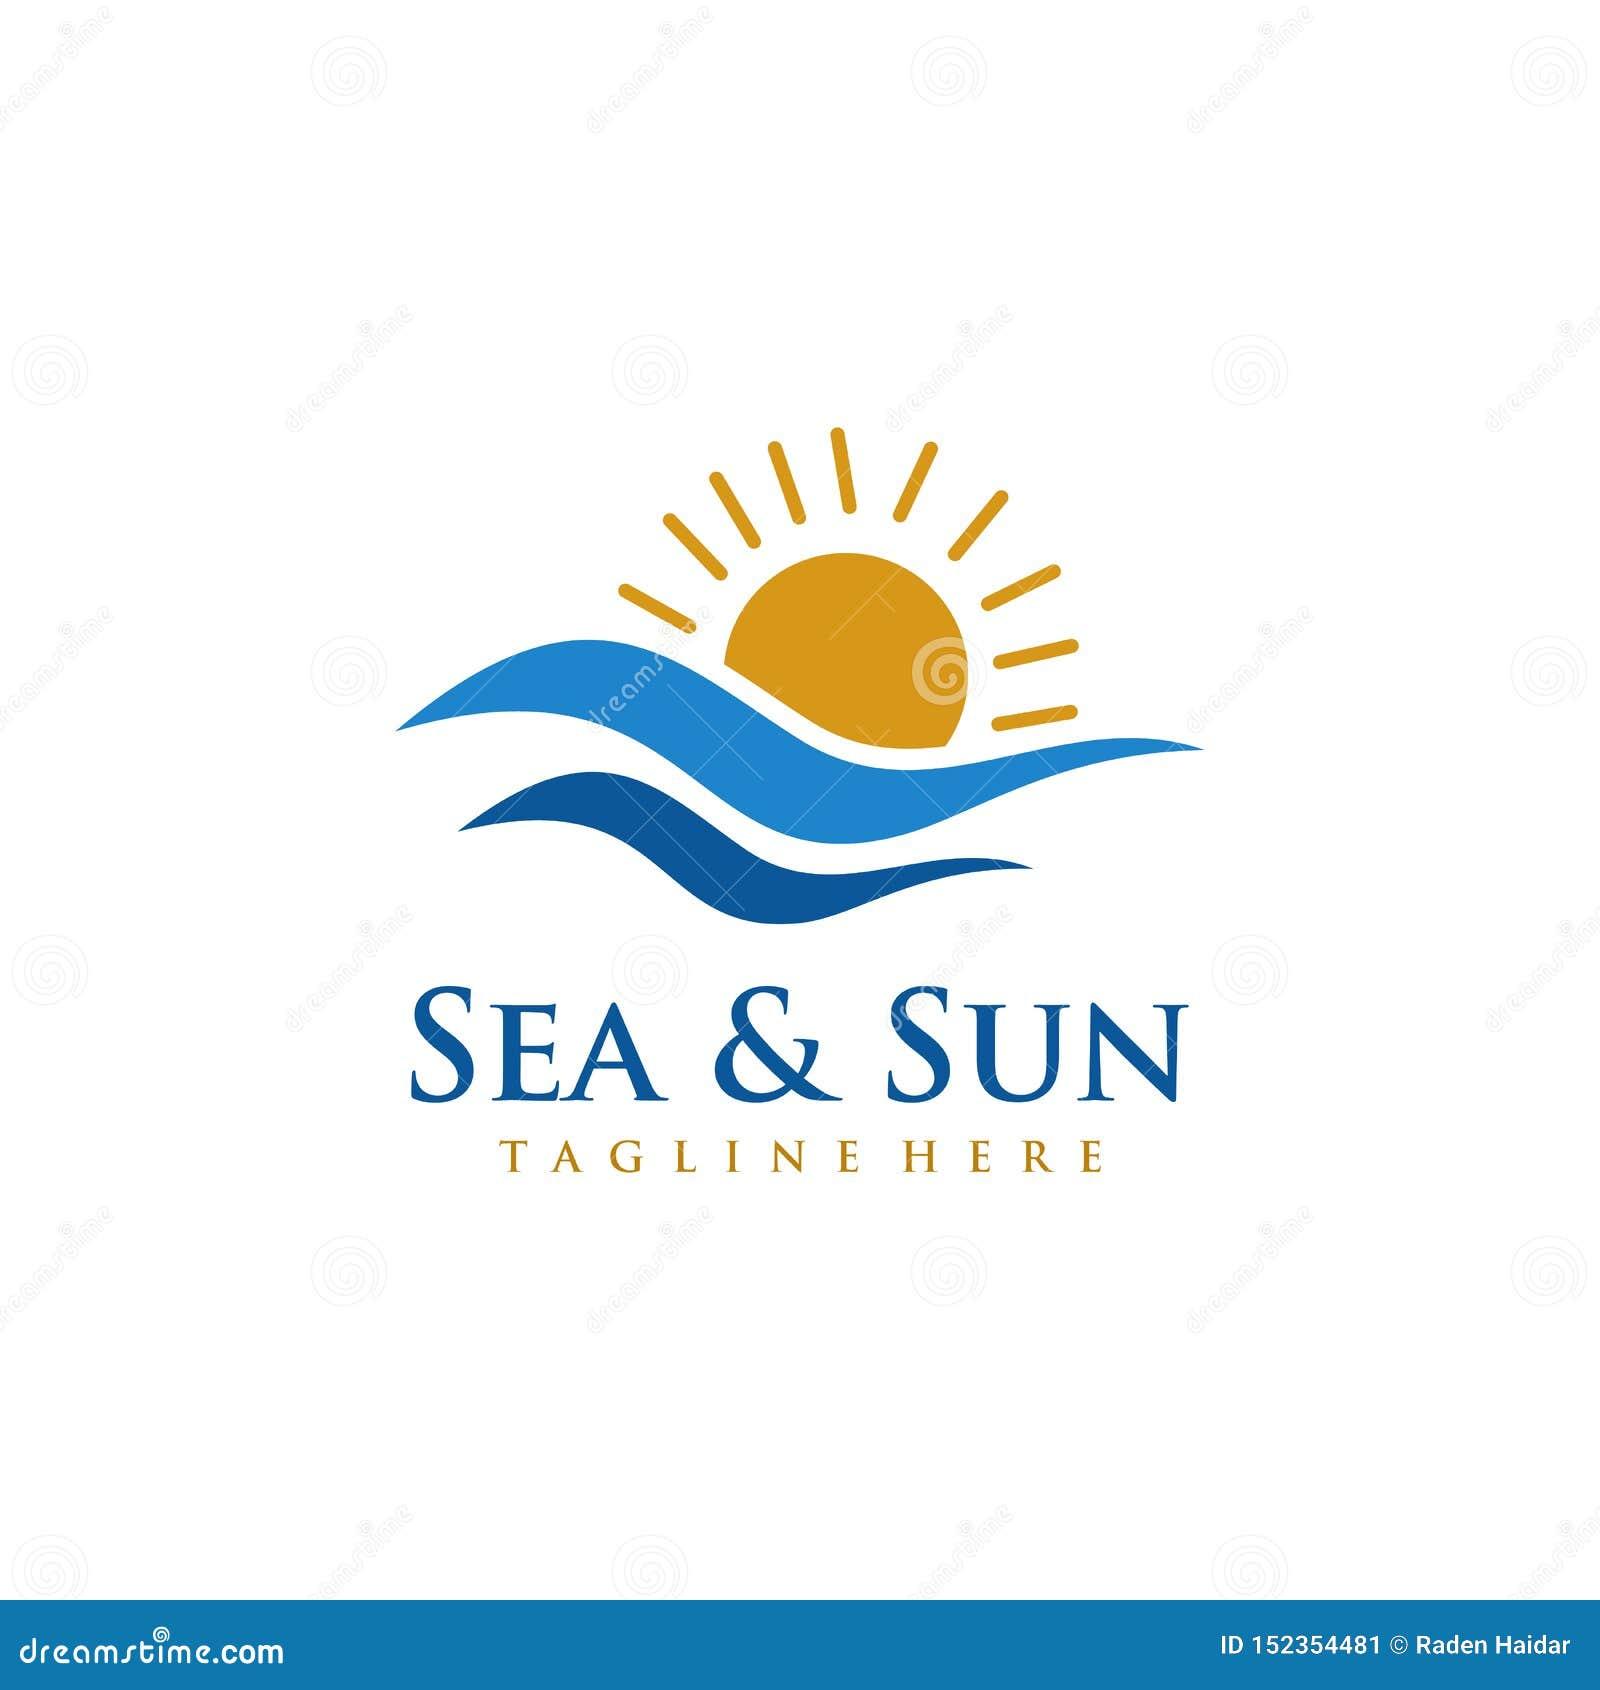 See- und Sun-Logoentwurf